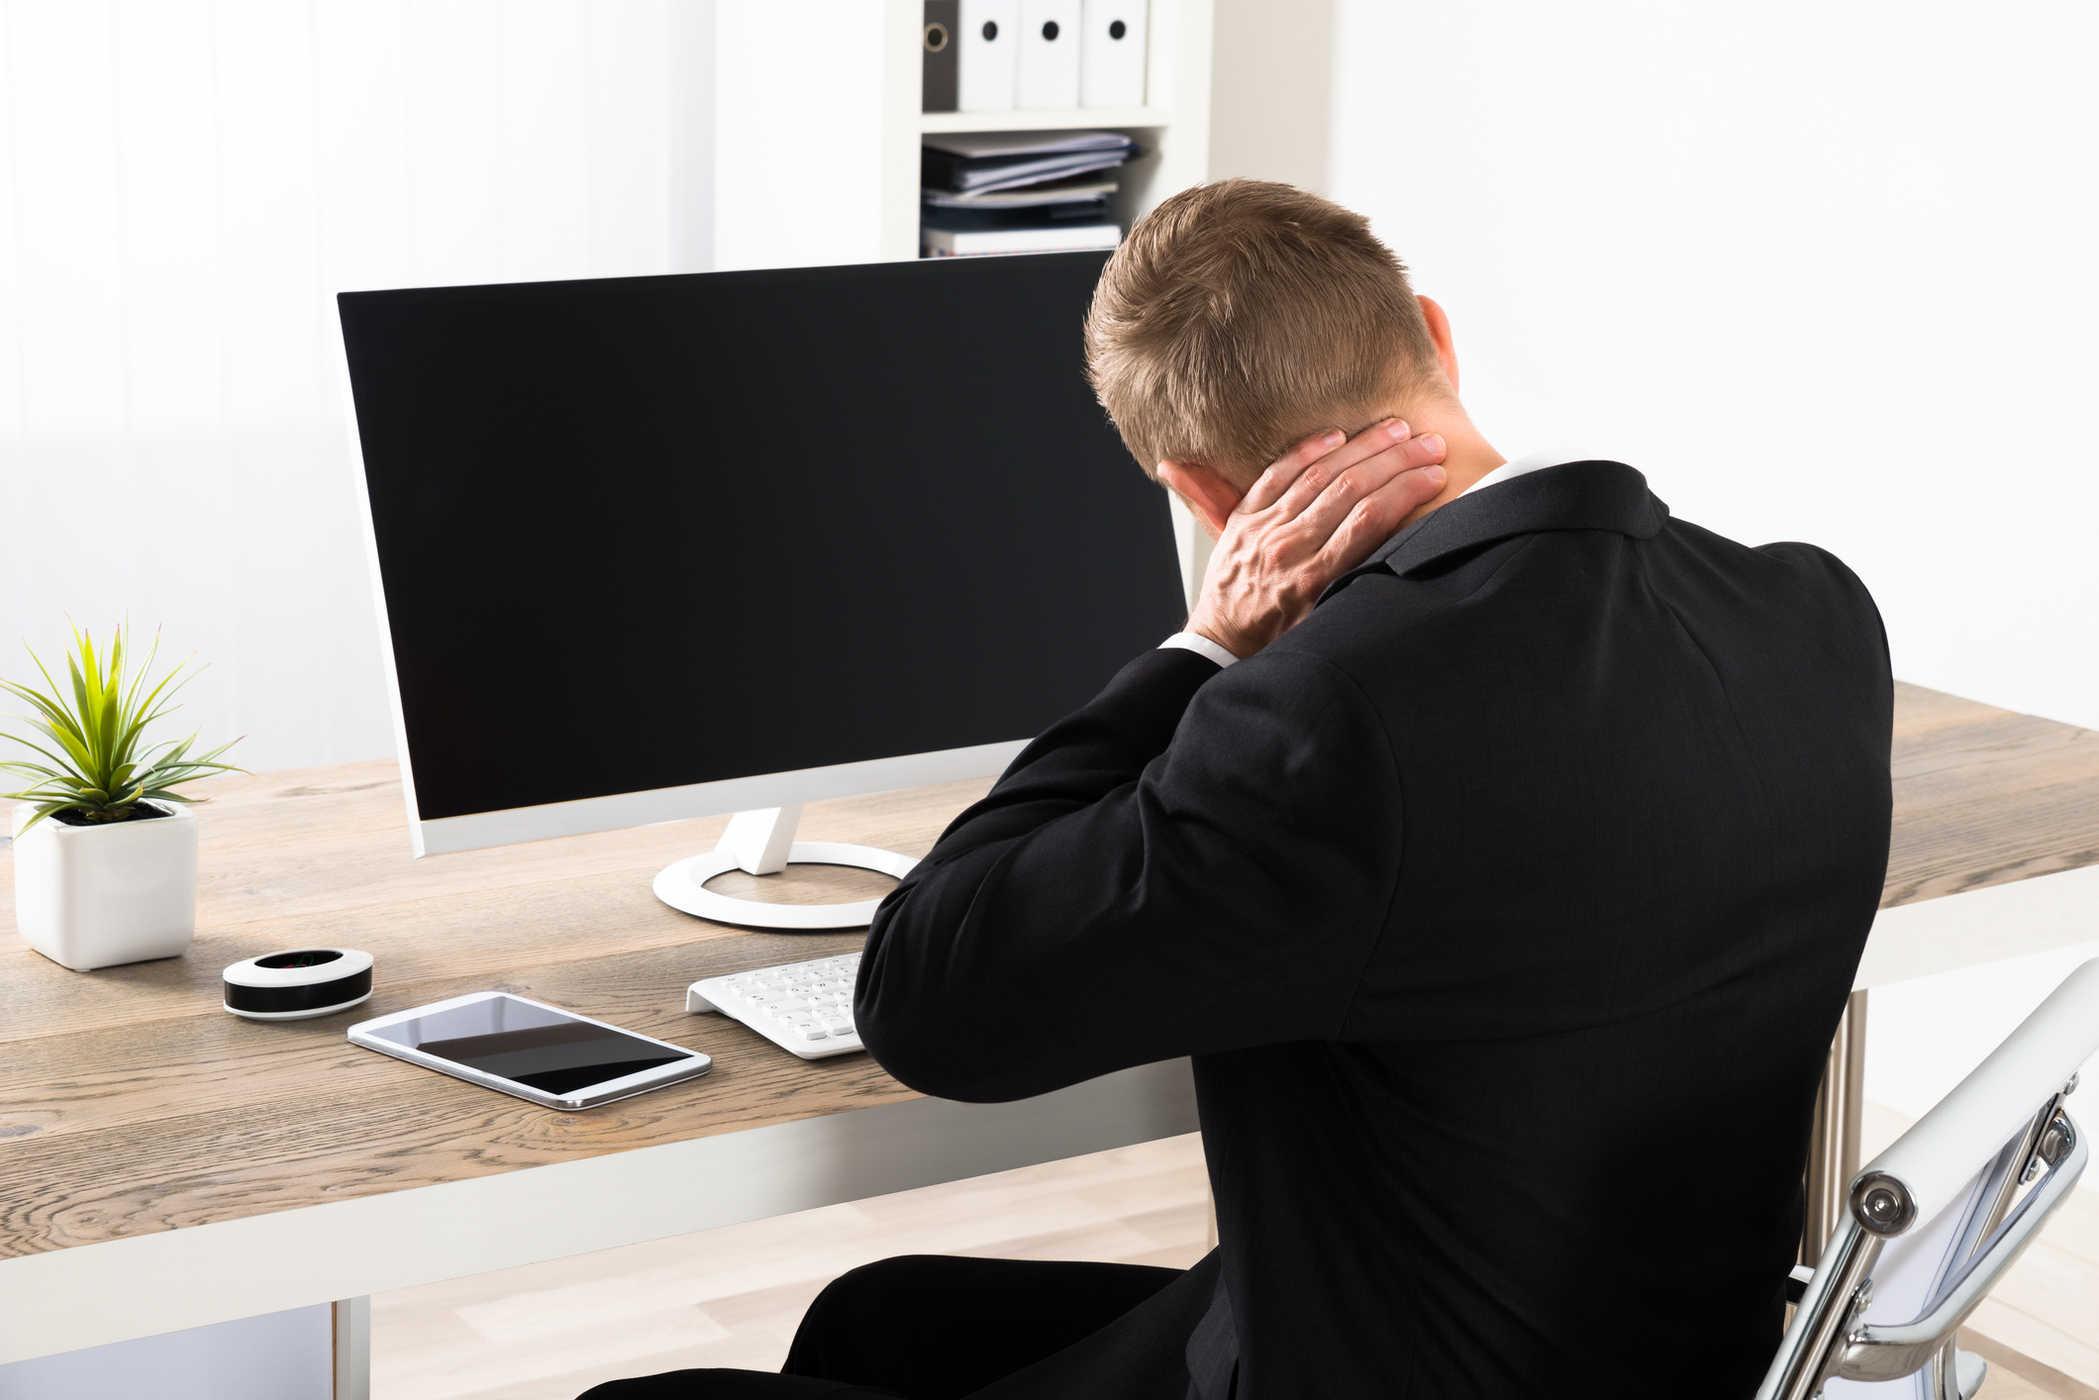 Nhân viên văn phòng làm là một trong những đối tượng dễ bị thoái hóa đốt sống cổ